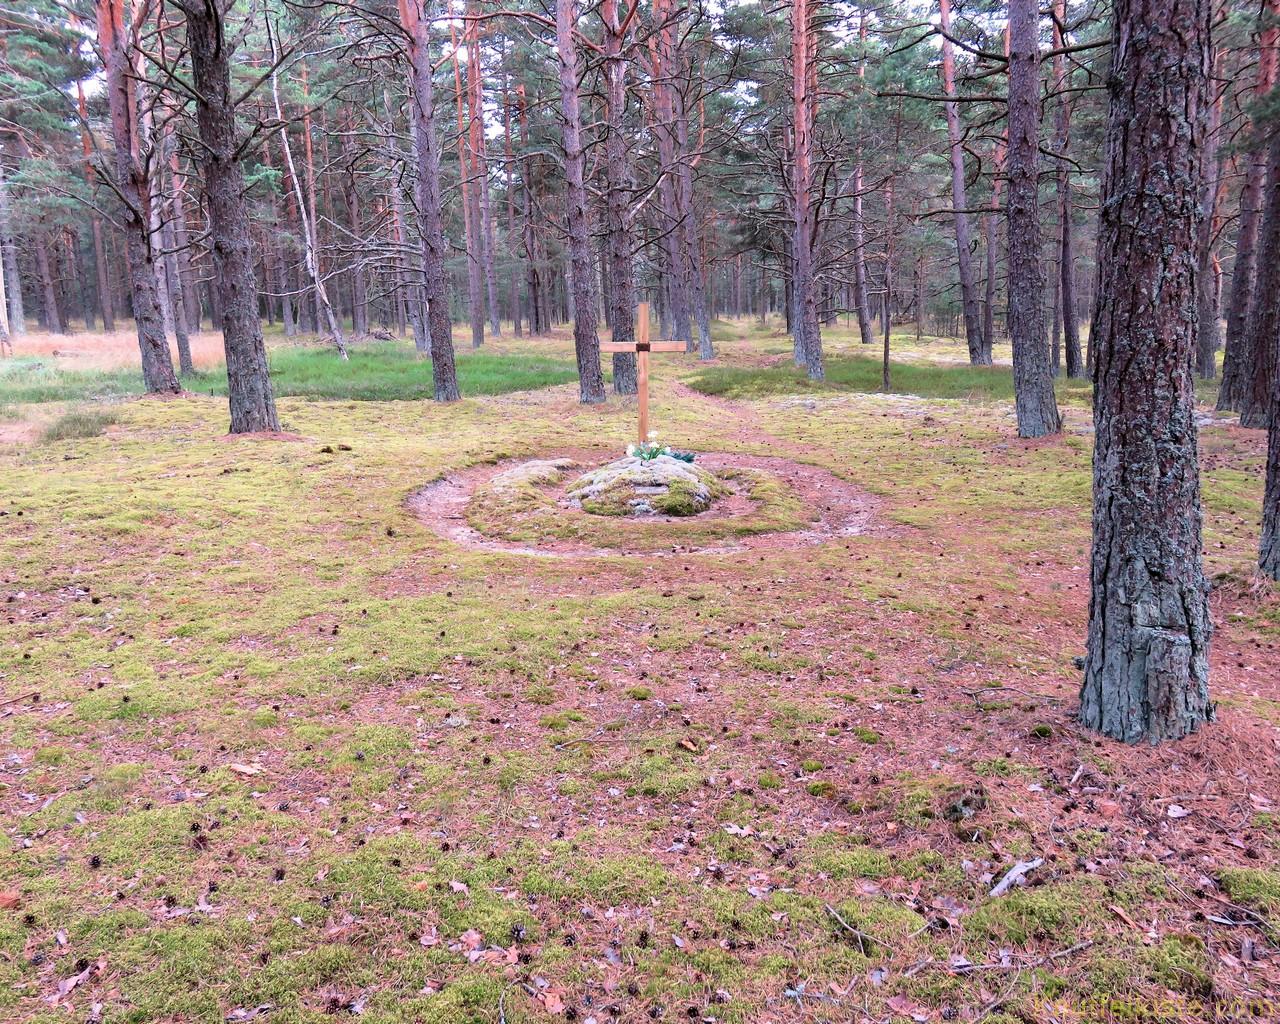 zum Grab im Wald!